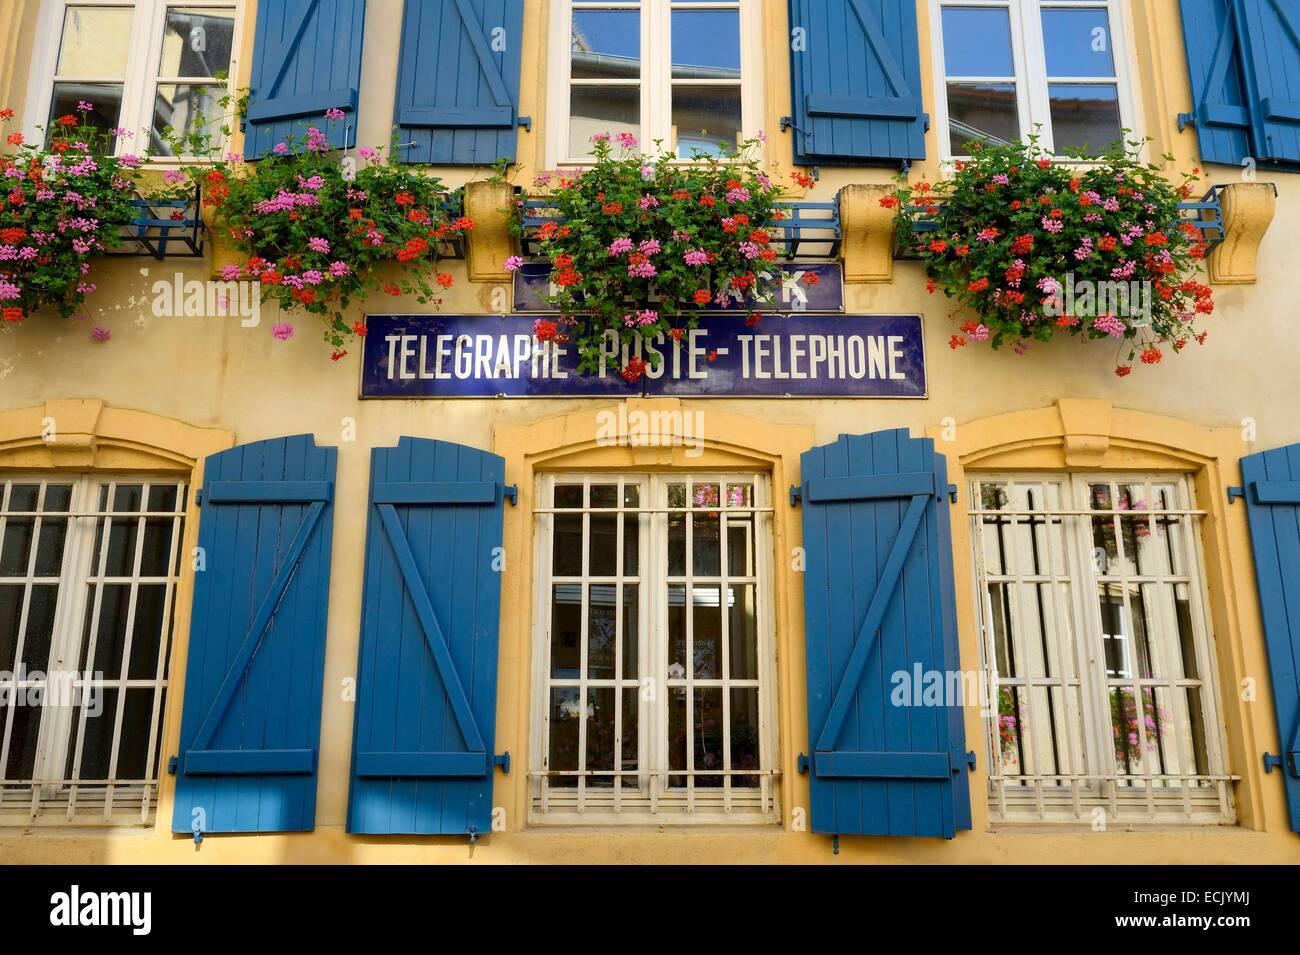 France moselle rodemack labelled les plus beaux villages de